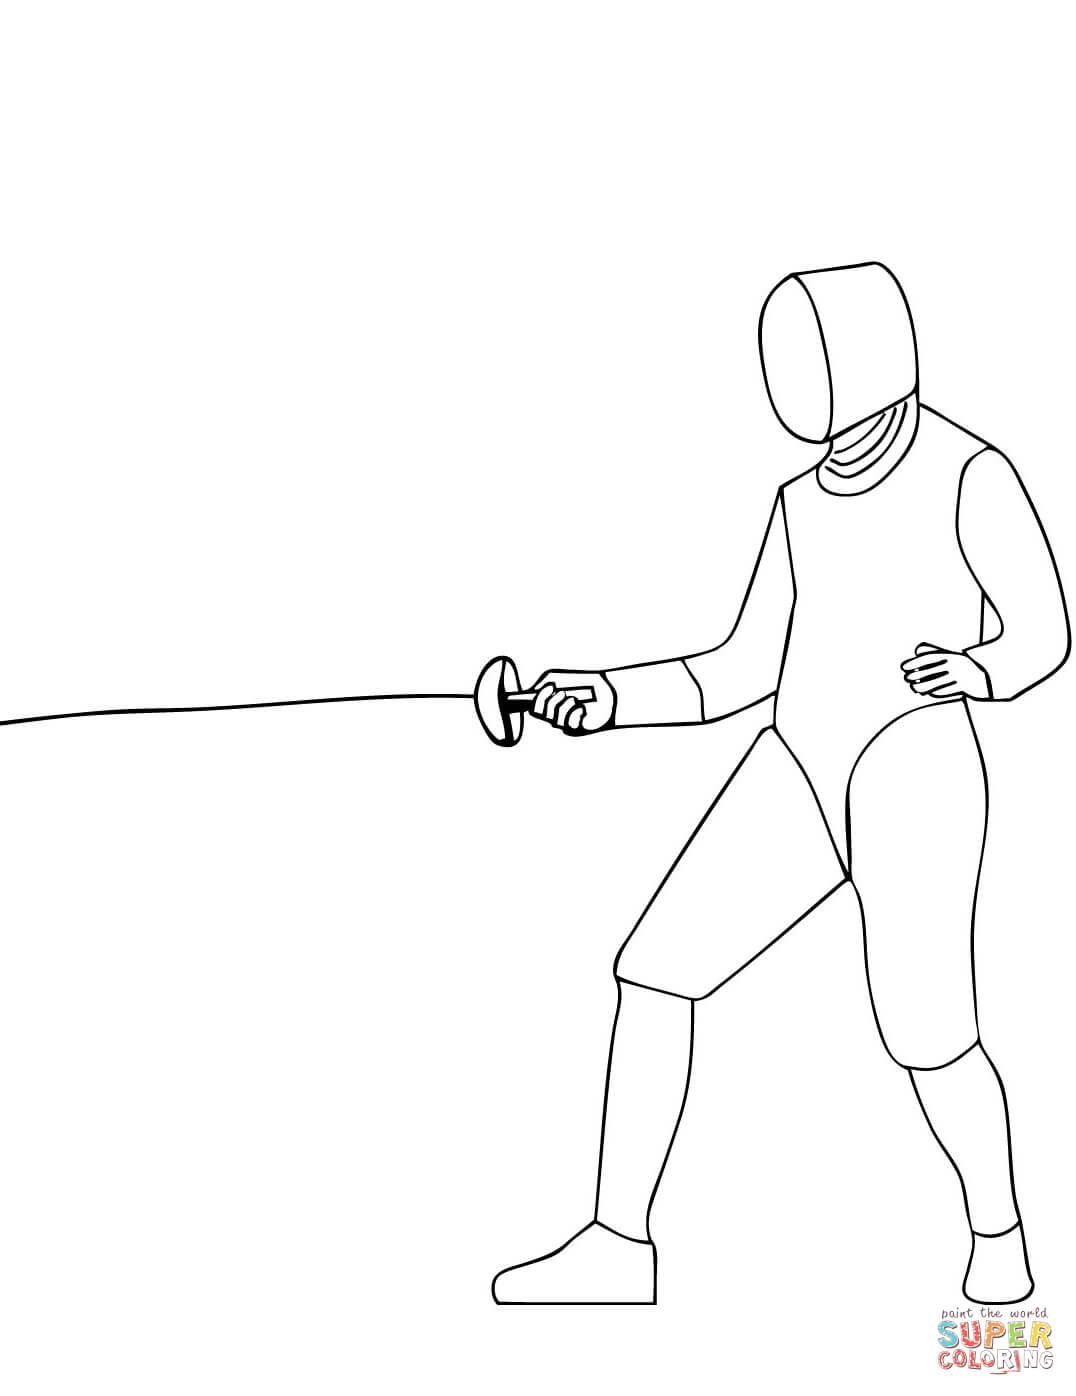 раскраски на тему фехтование            раскраски на тему фехтование для мальчиков и девочек.  раскраски с фехтовальщиками для детей и взрослых